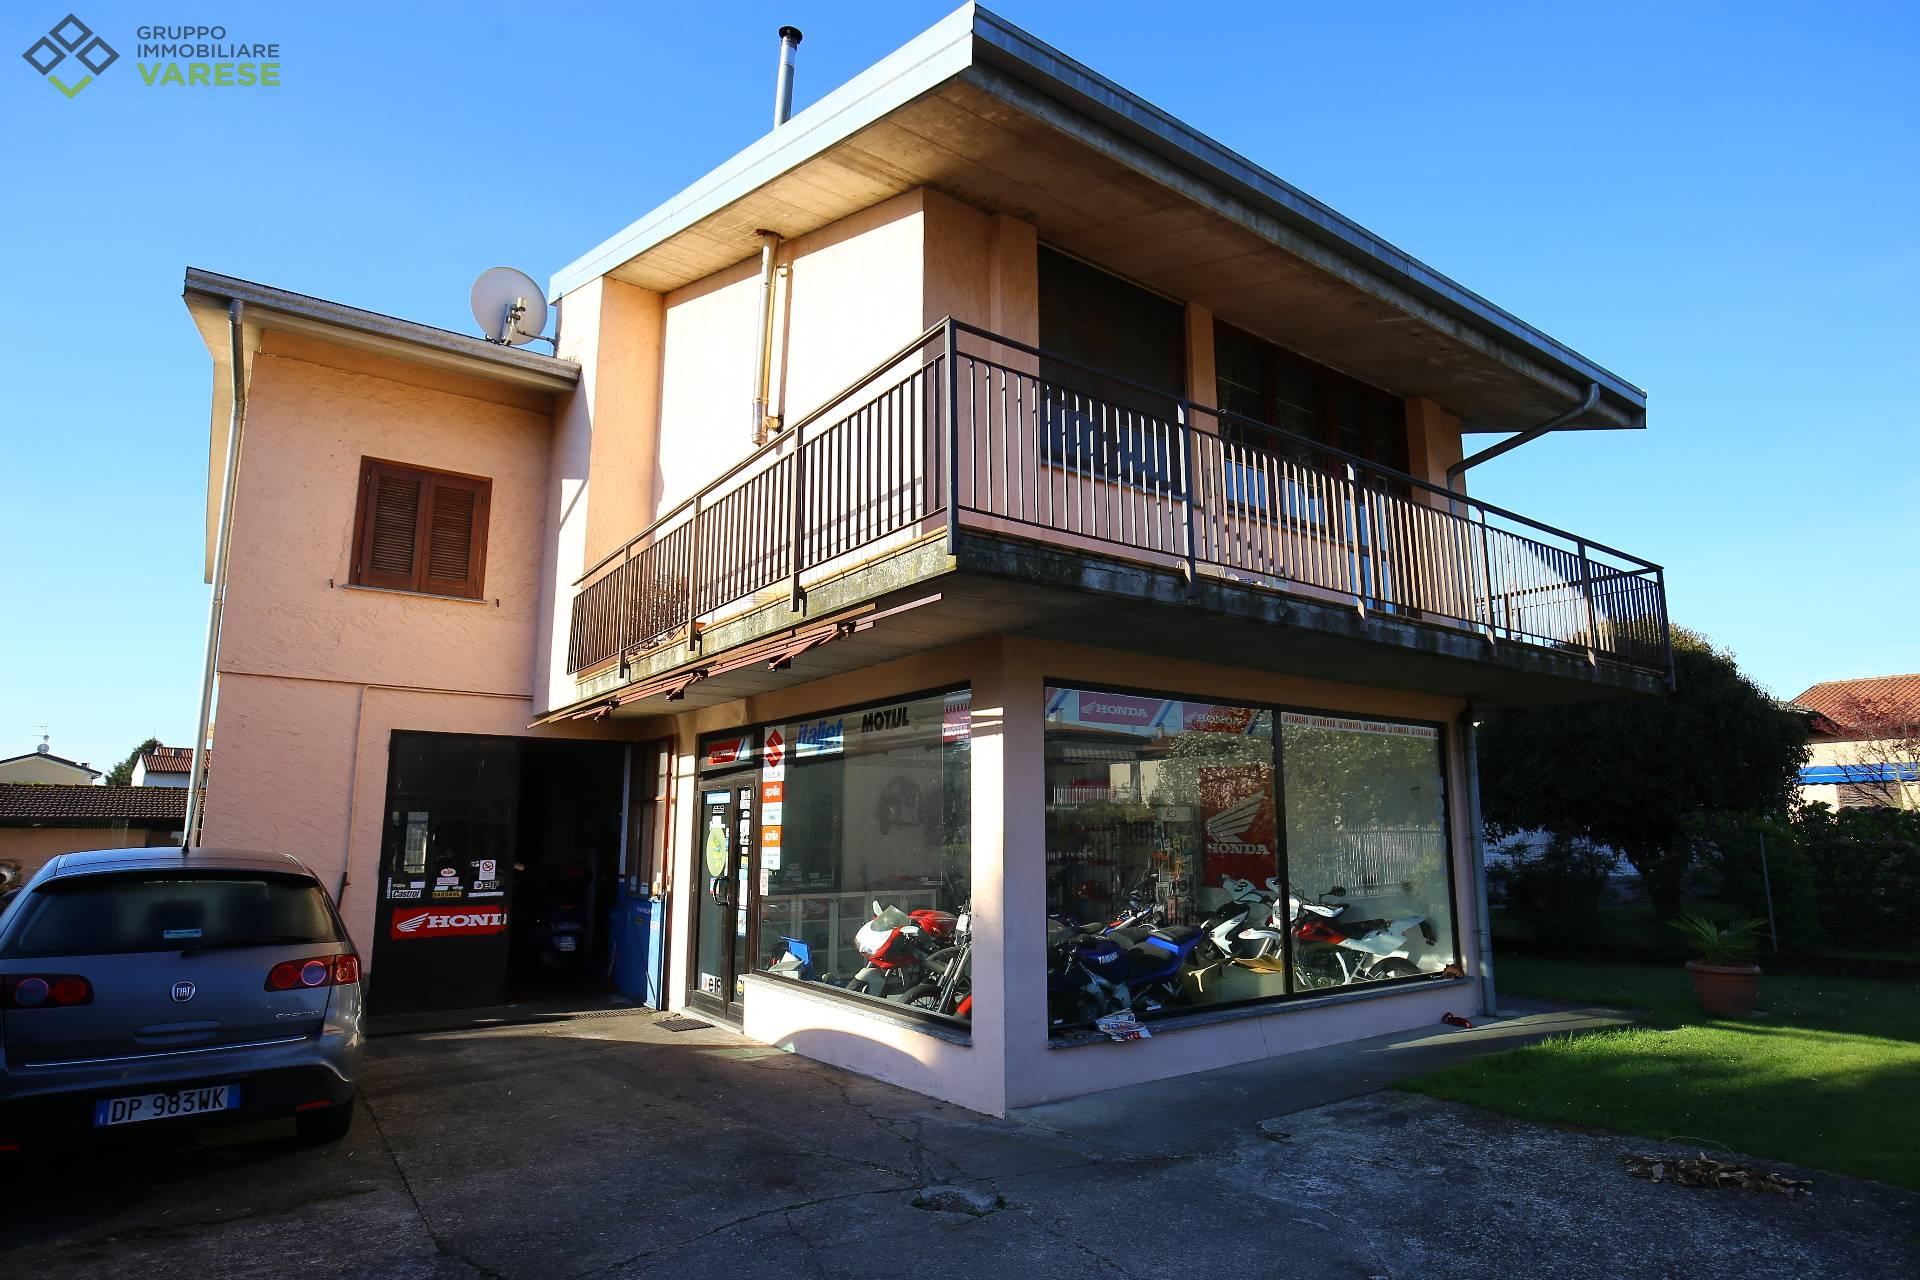 Soluzione Indipendente in vendita a Besozzo, 4 locali, zona Zona: Olginasio, prezzo € 249.000 | CambioCasa.it